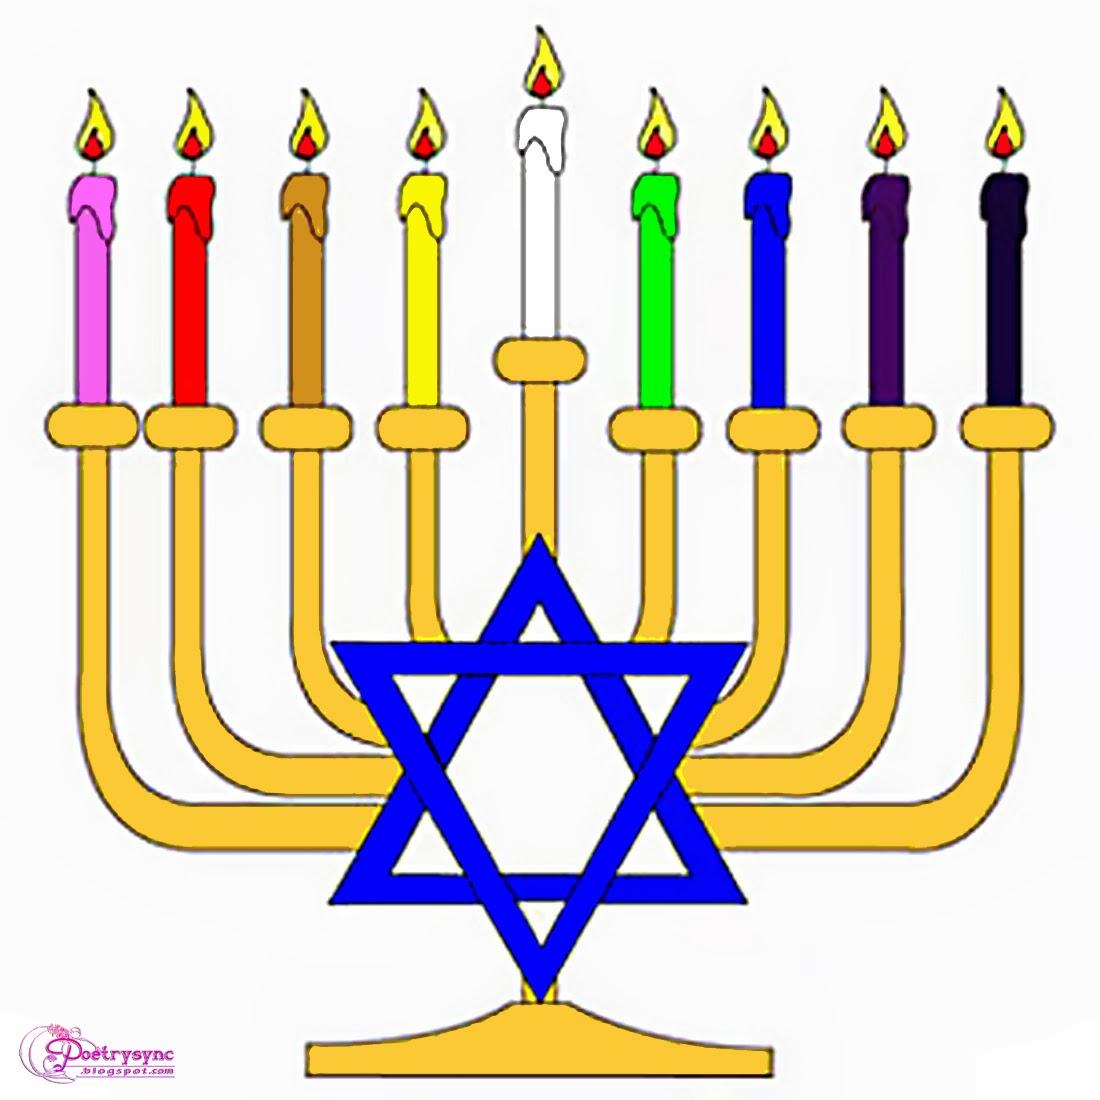 2016 clipart hanukkah. Candle clip art pictures